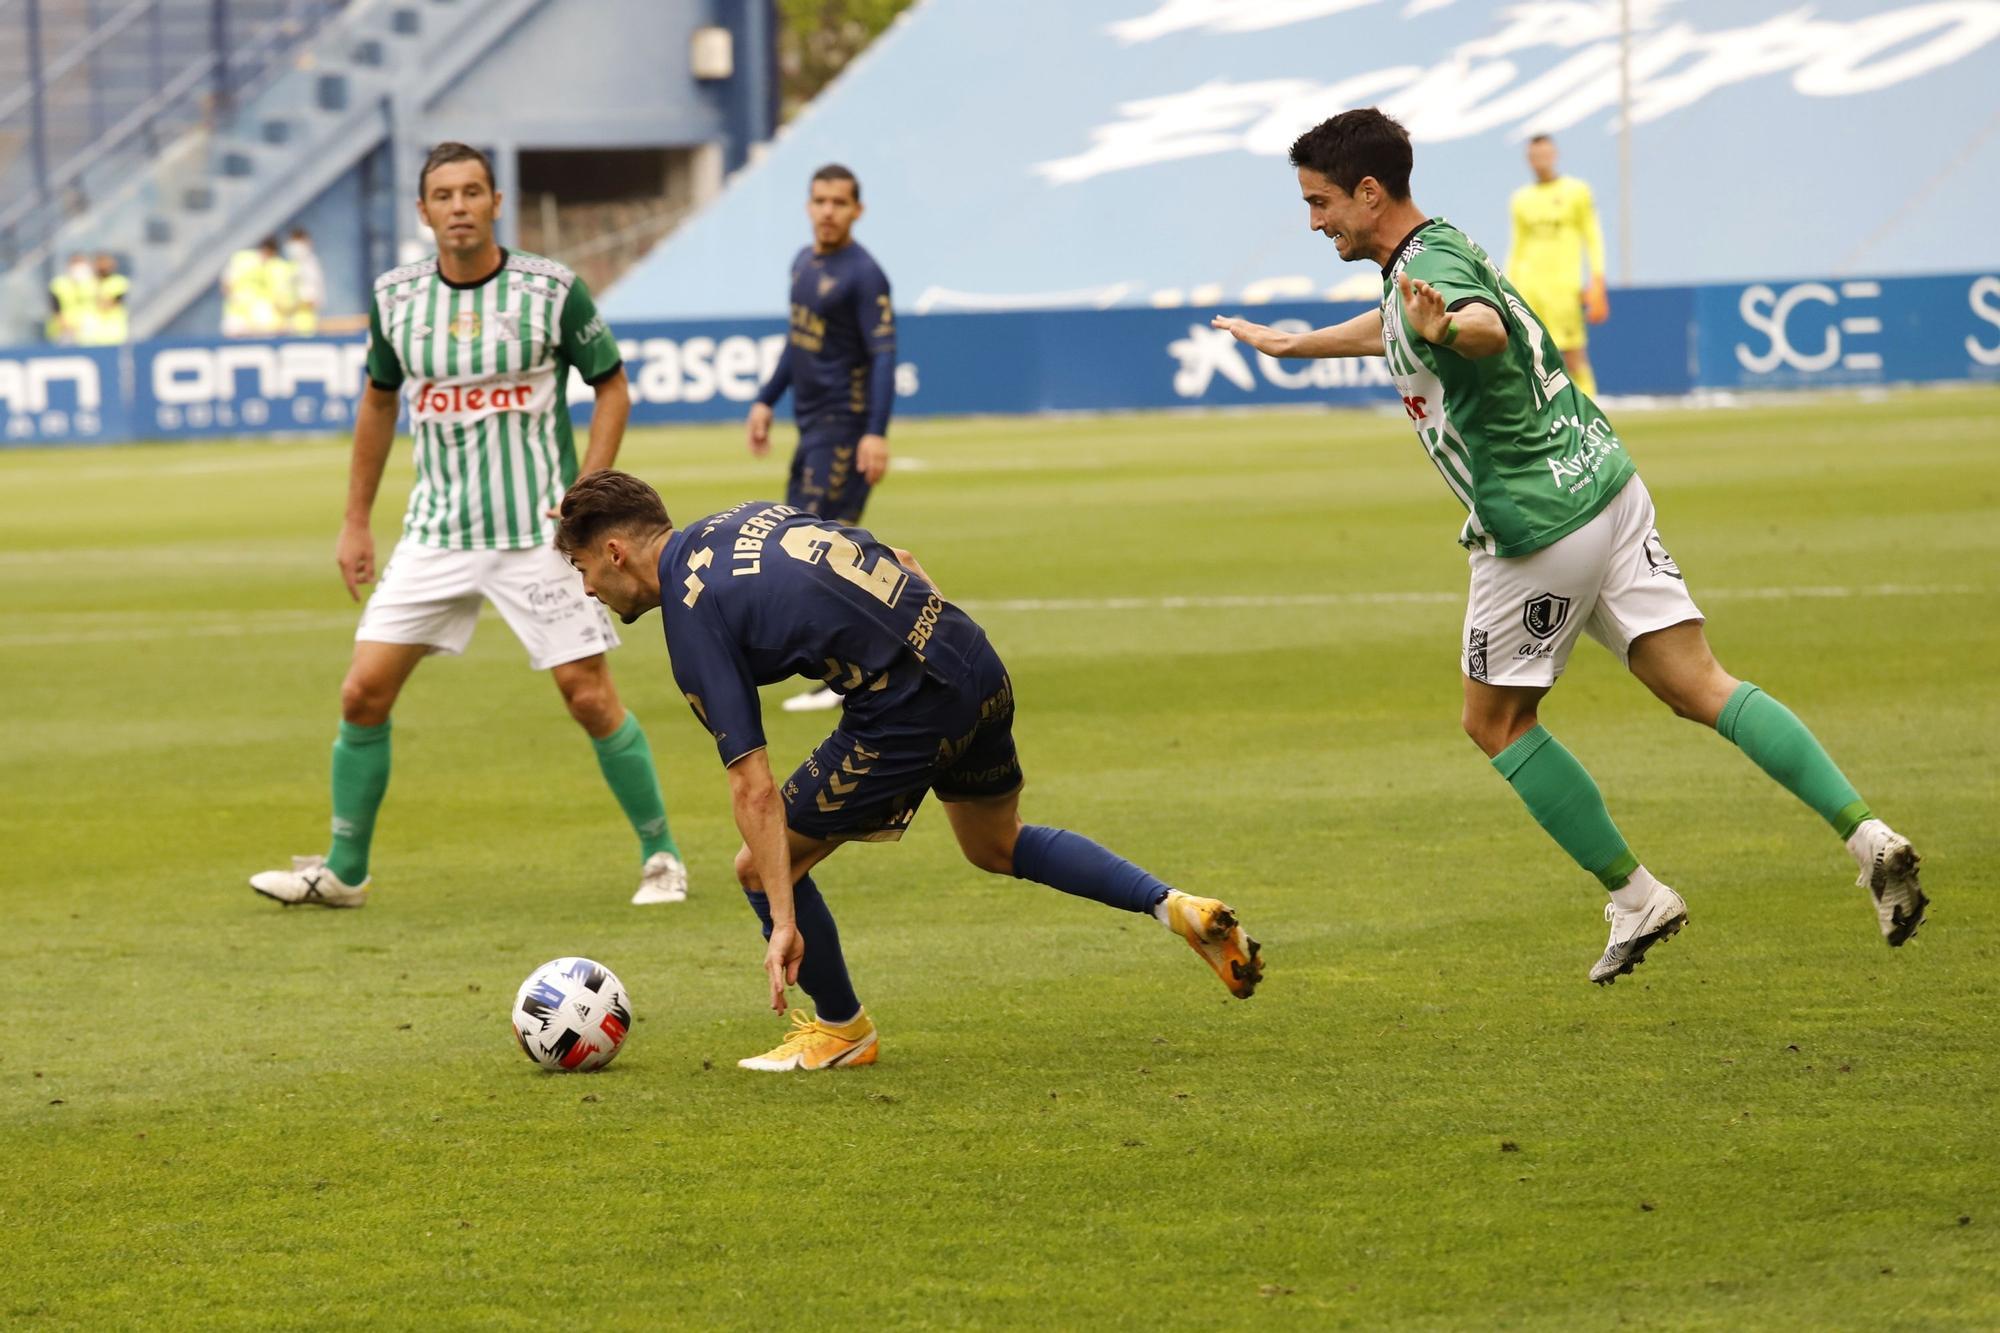 El UCAM Murcia vence y certifica su presencia en el play off (3-2)